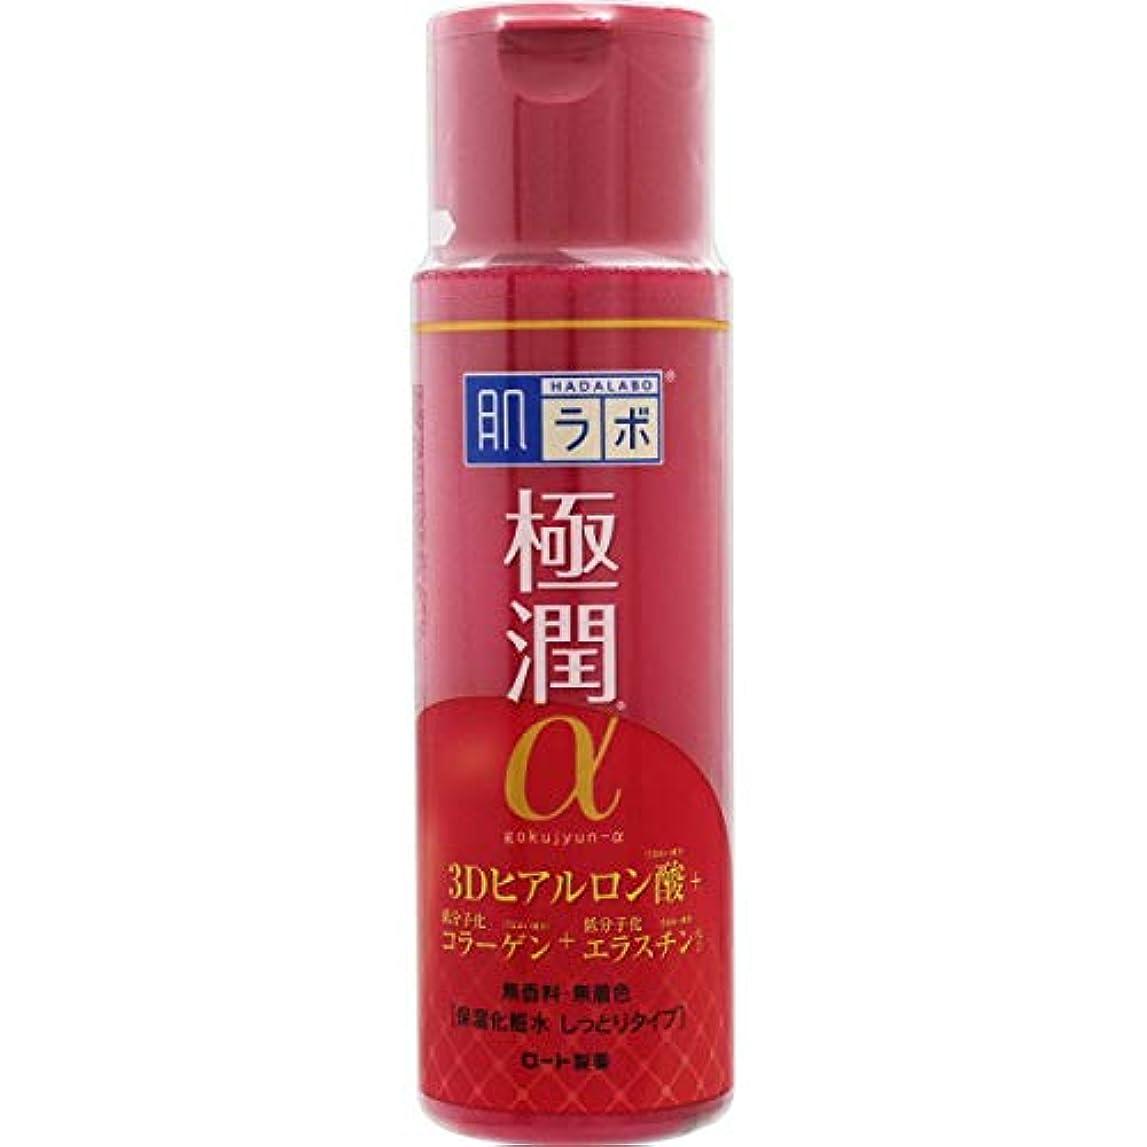 対称覚醒防衛【まとめ買い】肌ラボ 極潤α ハリ化粧水しっとりタイプ 170ml×7個